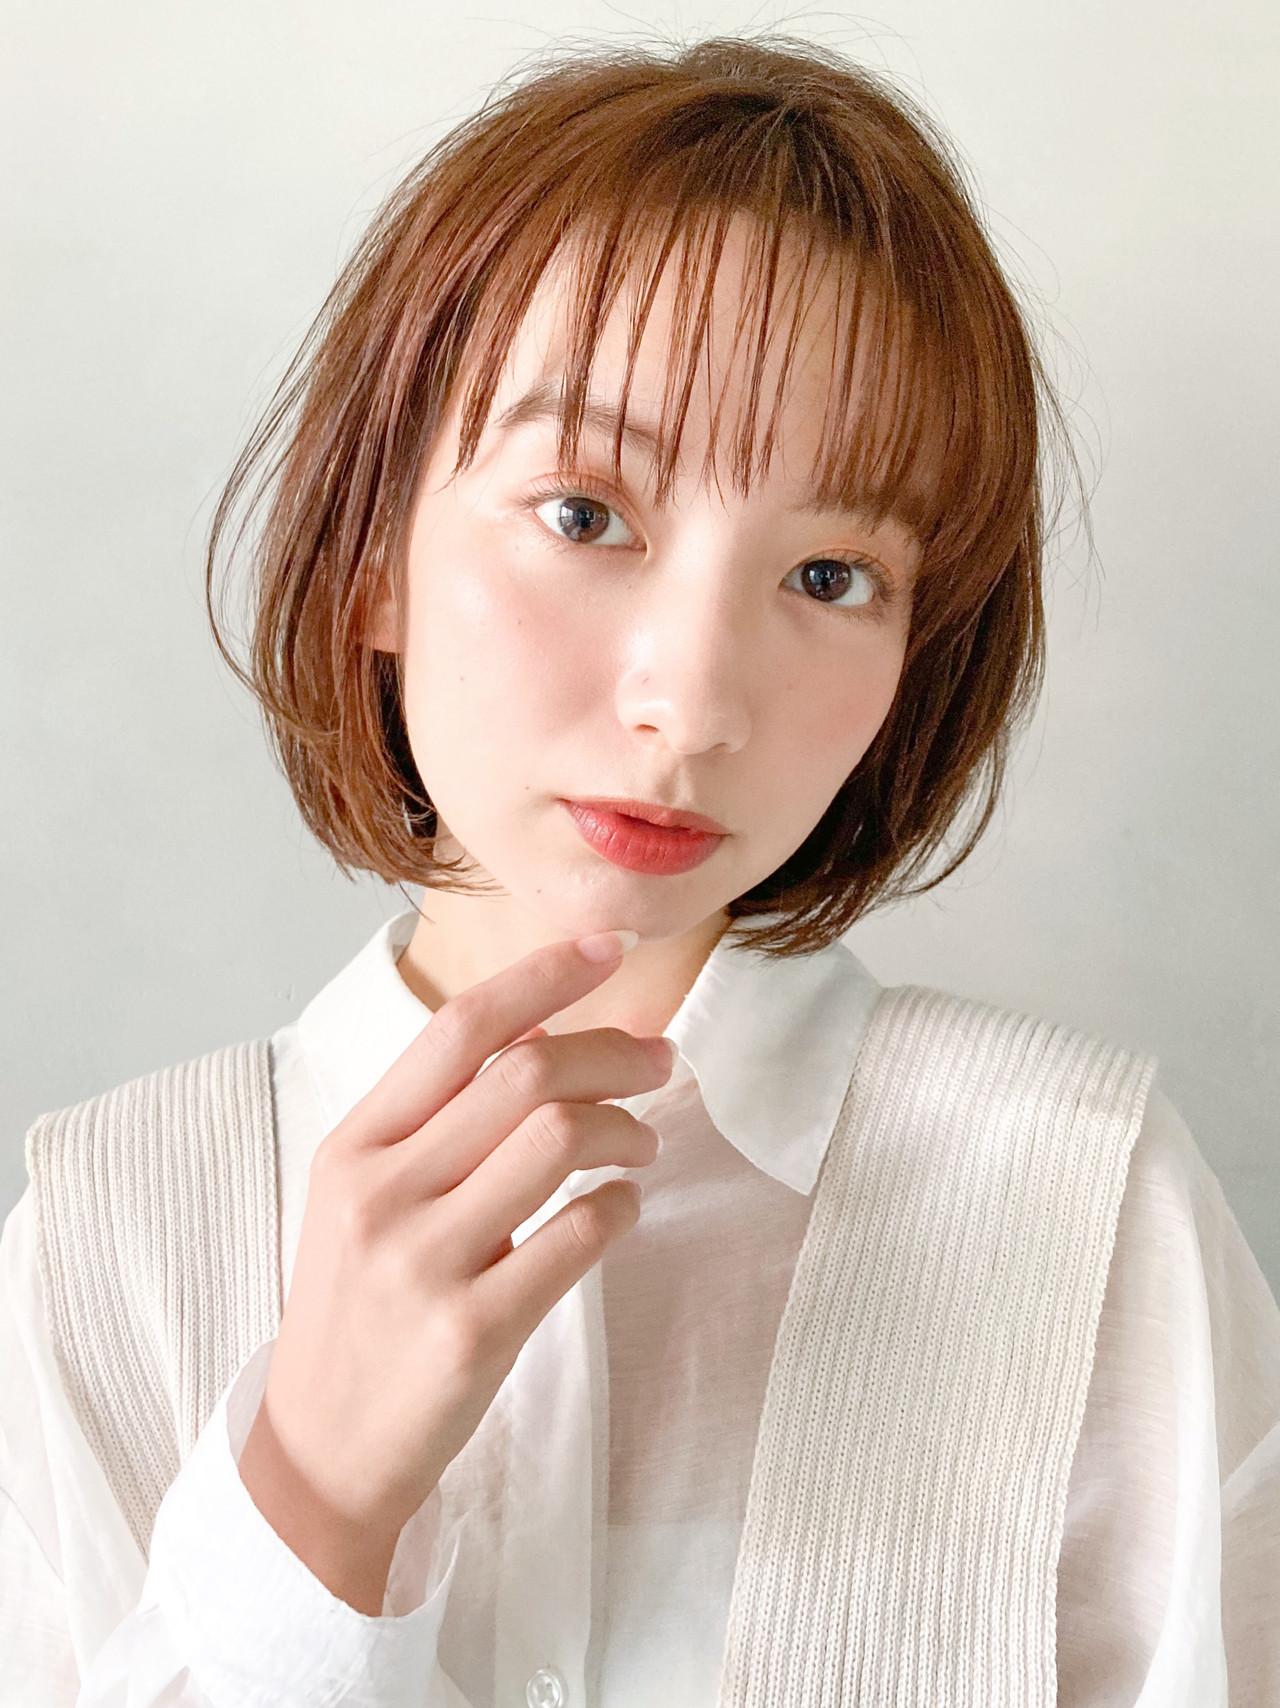 鎖骨ミディアム アンニュイほつれヘア グラデーションカラー ミルクティーグレージュヘアスタイルや髪型の写真・画像